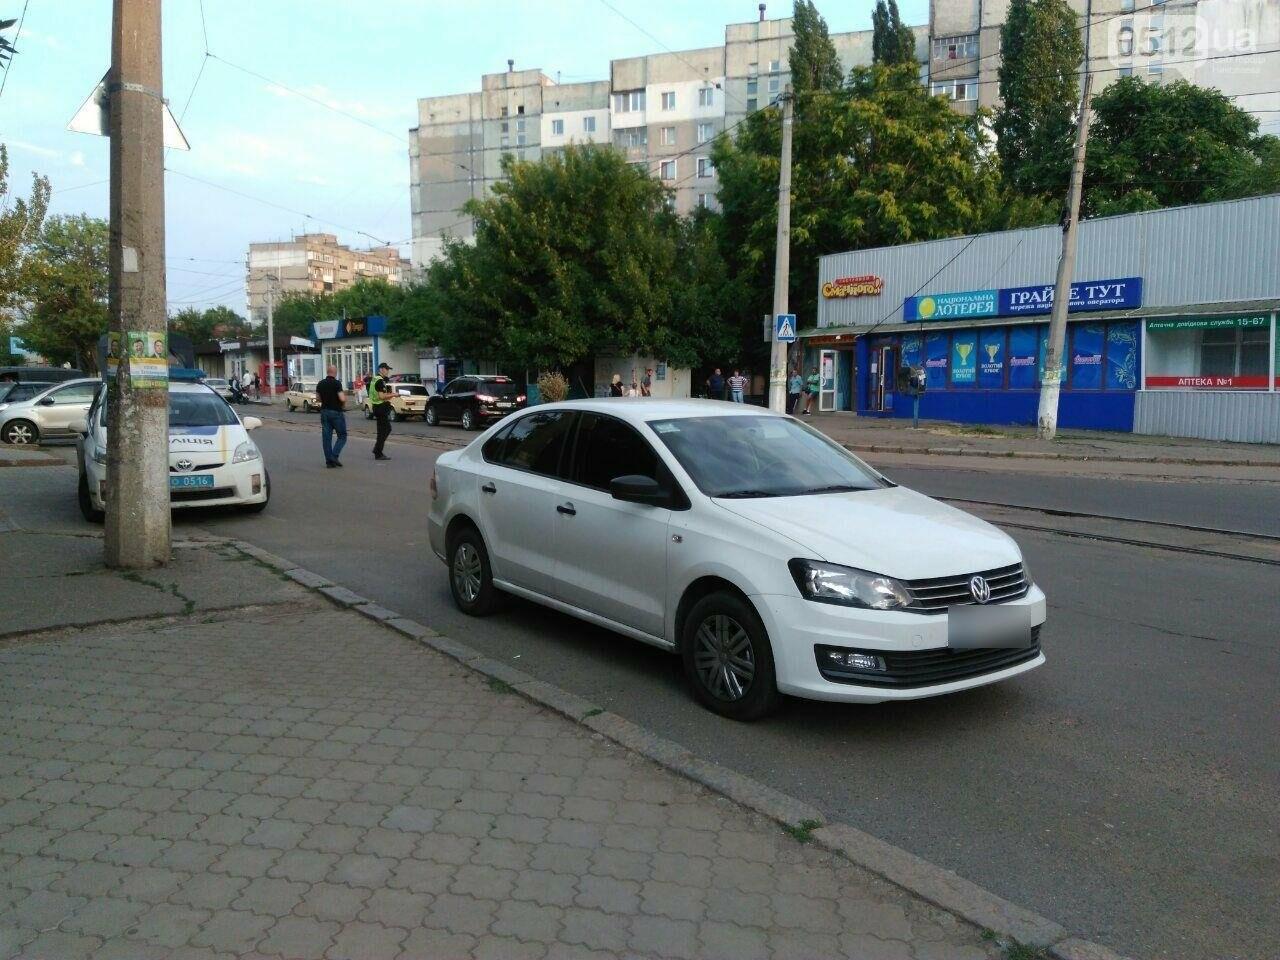 В Николаеве мотоциклист разбил зеркало на автомобиле и скрылся с места ДТП, - ФОТО, фото-2